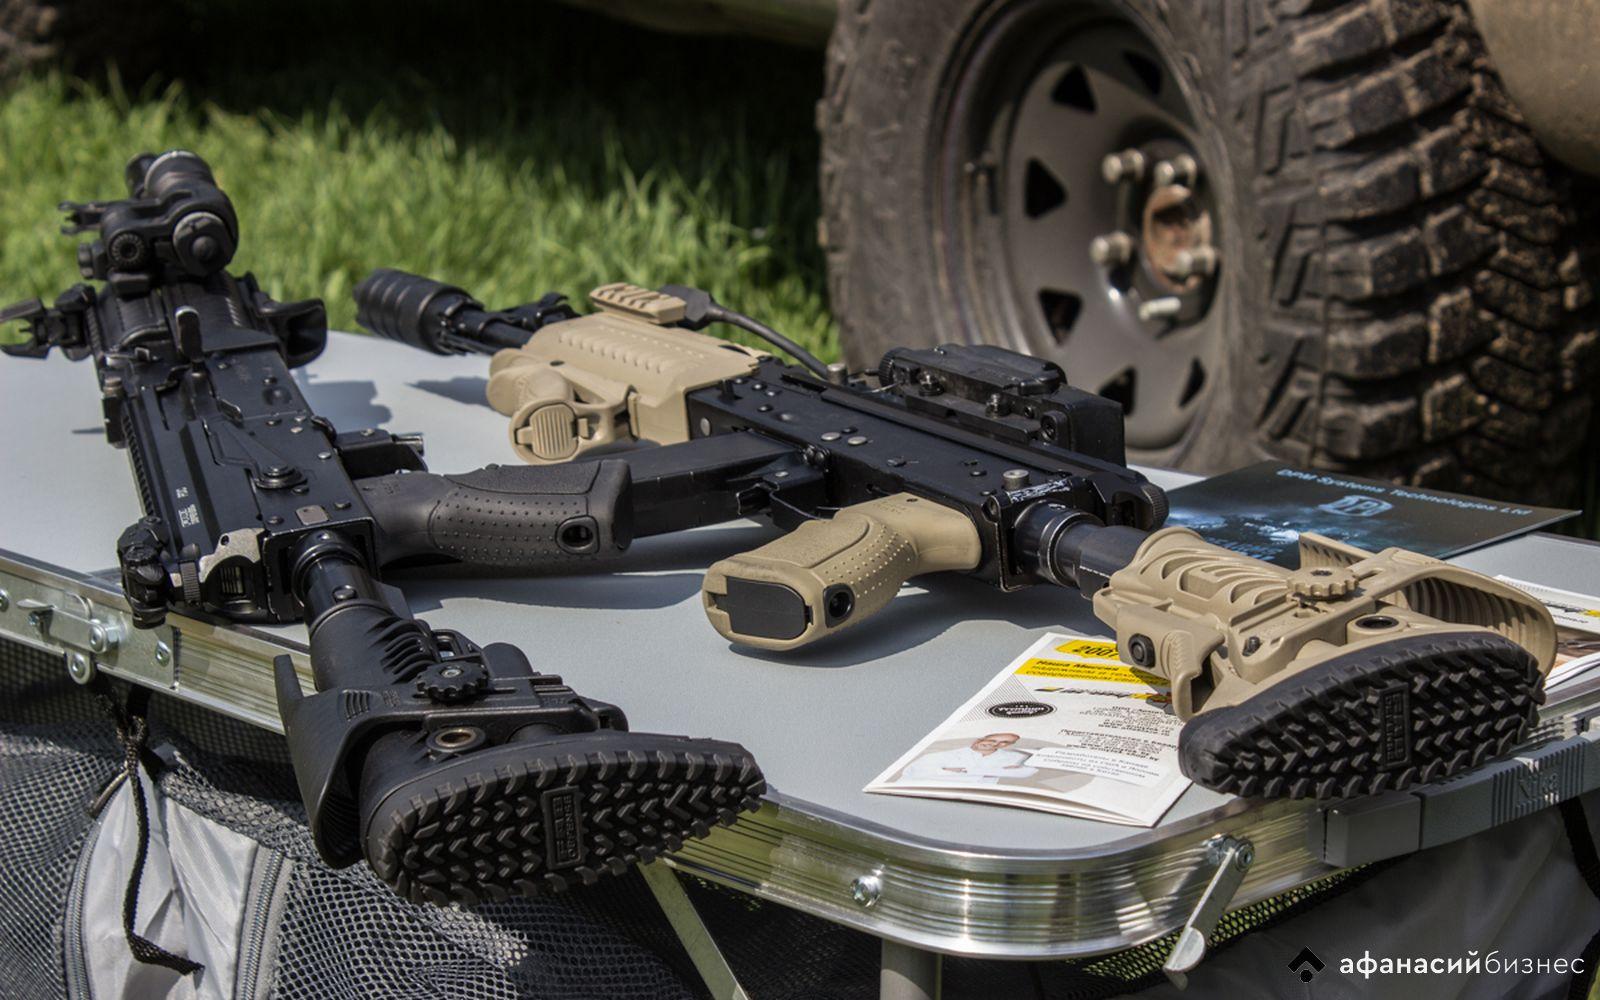 В России предложили ужесточить процедуру выдачи разрешения на оружие - новости Афанасий